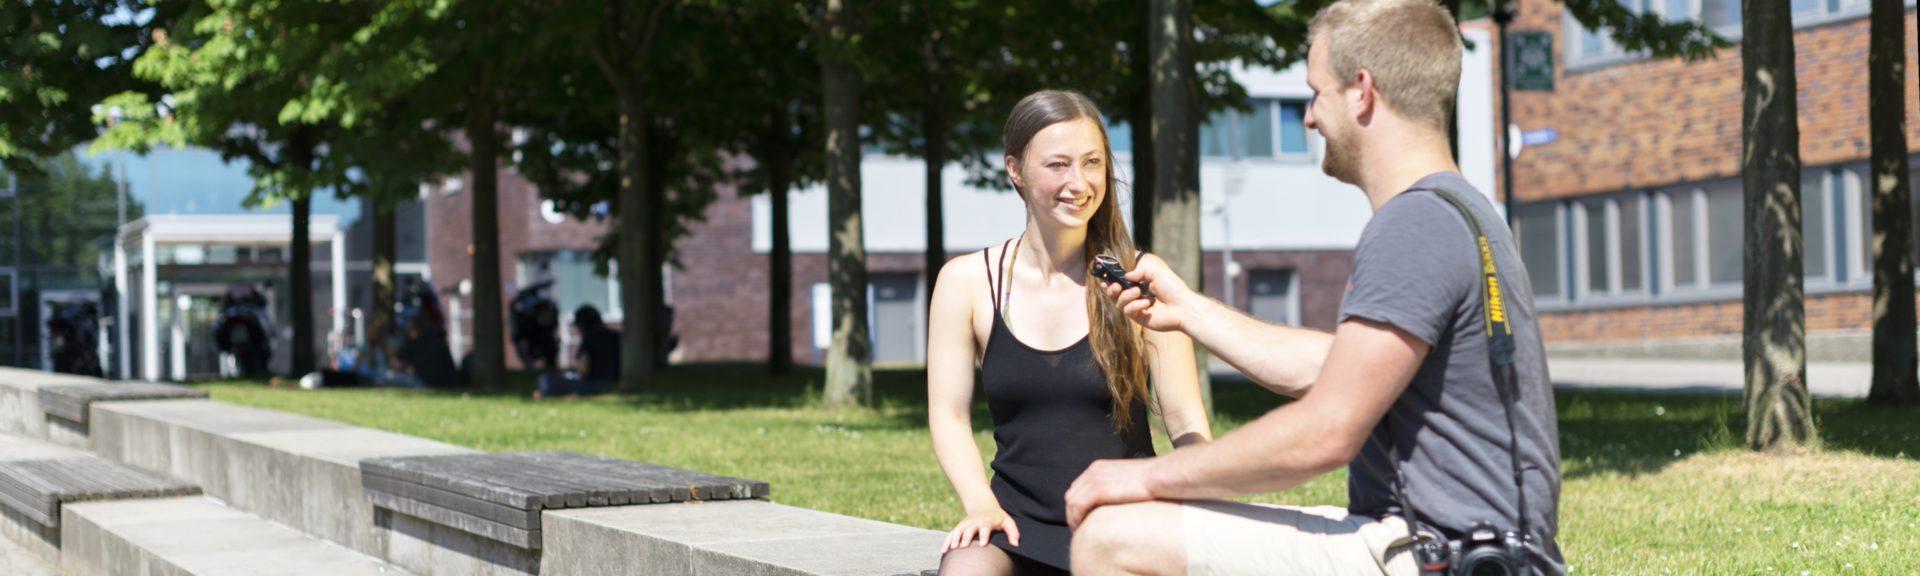 Rechts im Bild befindet sich ein junger Mann mit grauem T-Shirt, der eine Kamera um die Schulter trägt. Er hat ein Mikrofon in der Hand und hält es einer jungen Frau mit langen braunen Haaren hin, die ein schwarzes Top trägt. Es handelt sich um eine Interview-Situation. Im Hintergrund befinden sich Bäume und dahinter Gebäudefassaden. Die Personen sitzen auf einer Treppenstufe aus Stein.